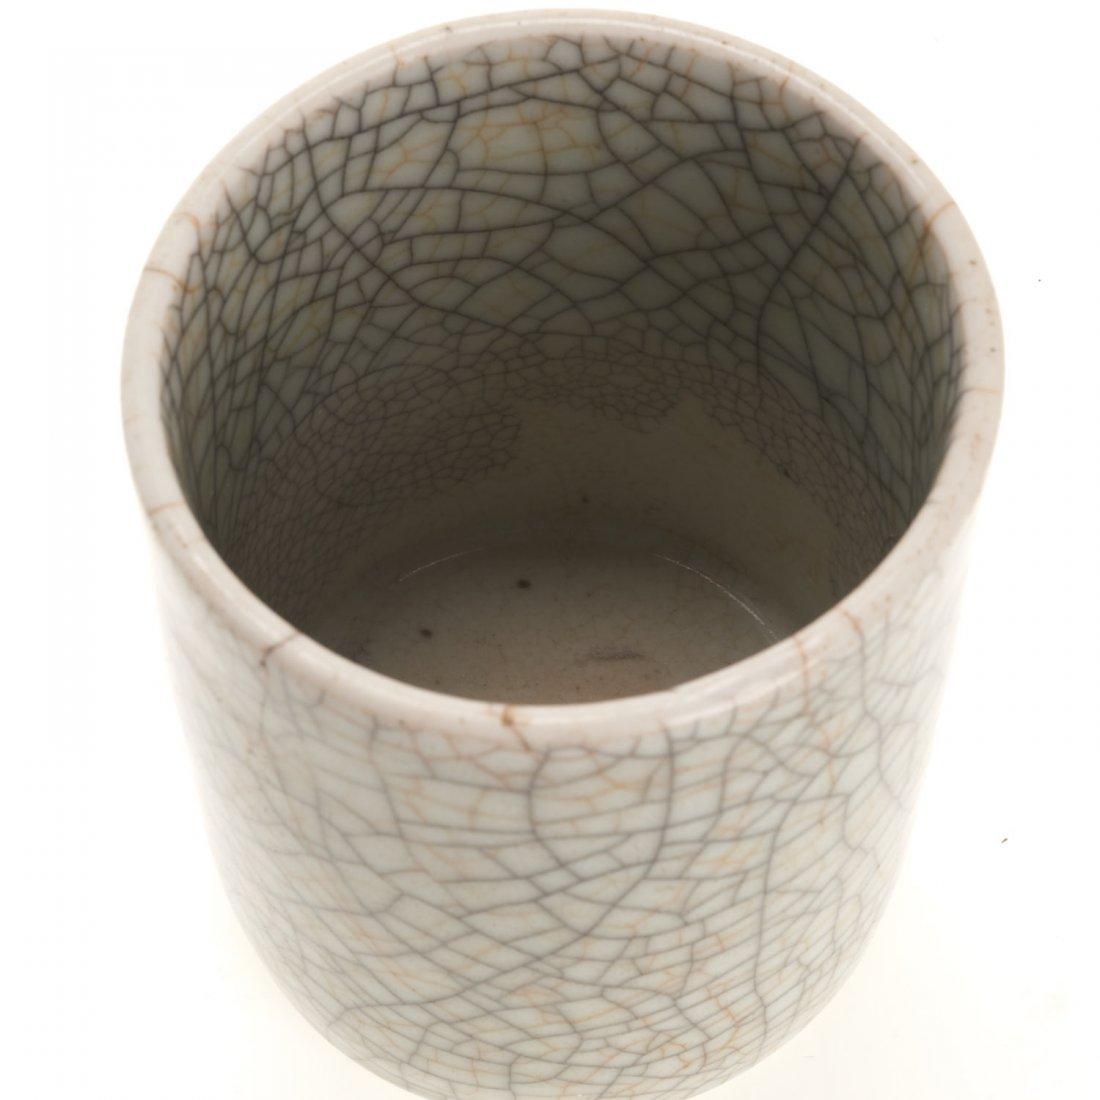 Asian celadon crackleware brush pot - 3